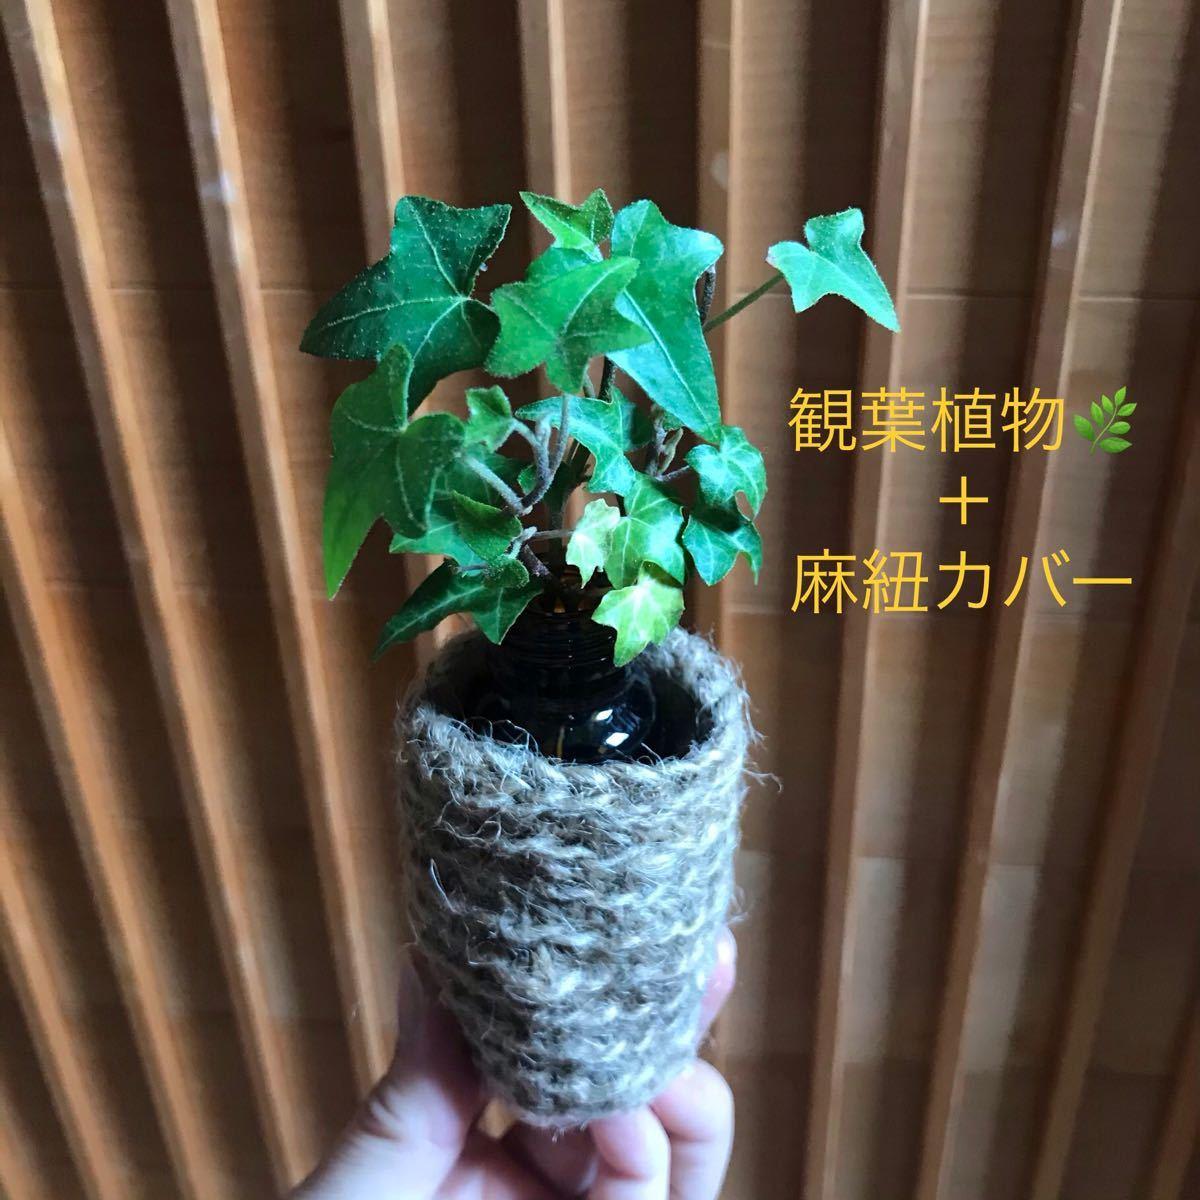 観葉植物+麻紐カバー+瓶 アイビー ヘデラ緑単色 リアルグリーン 癒し